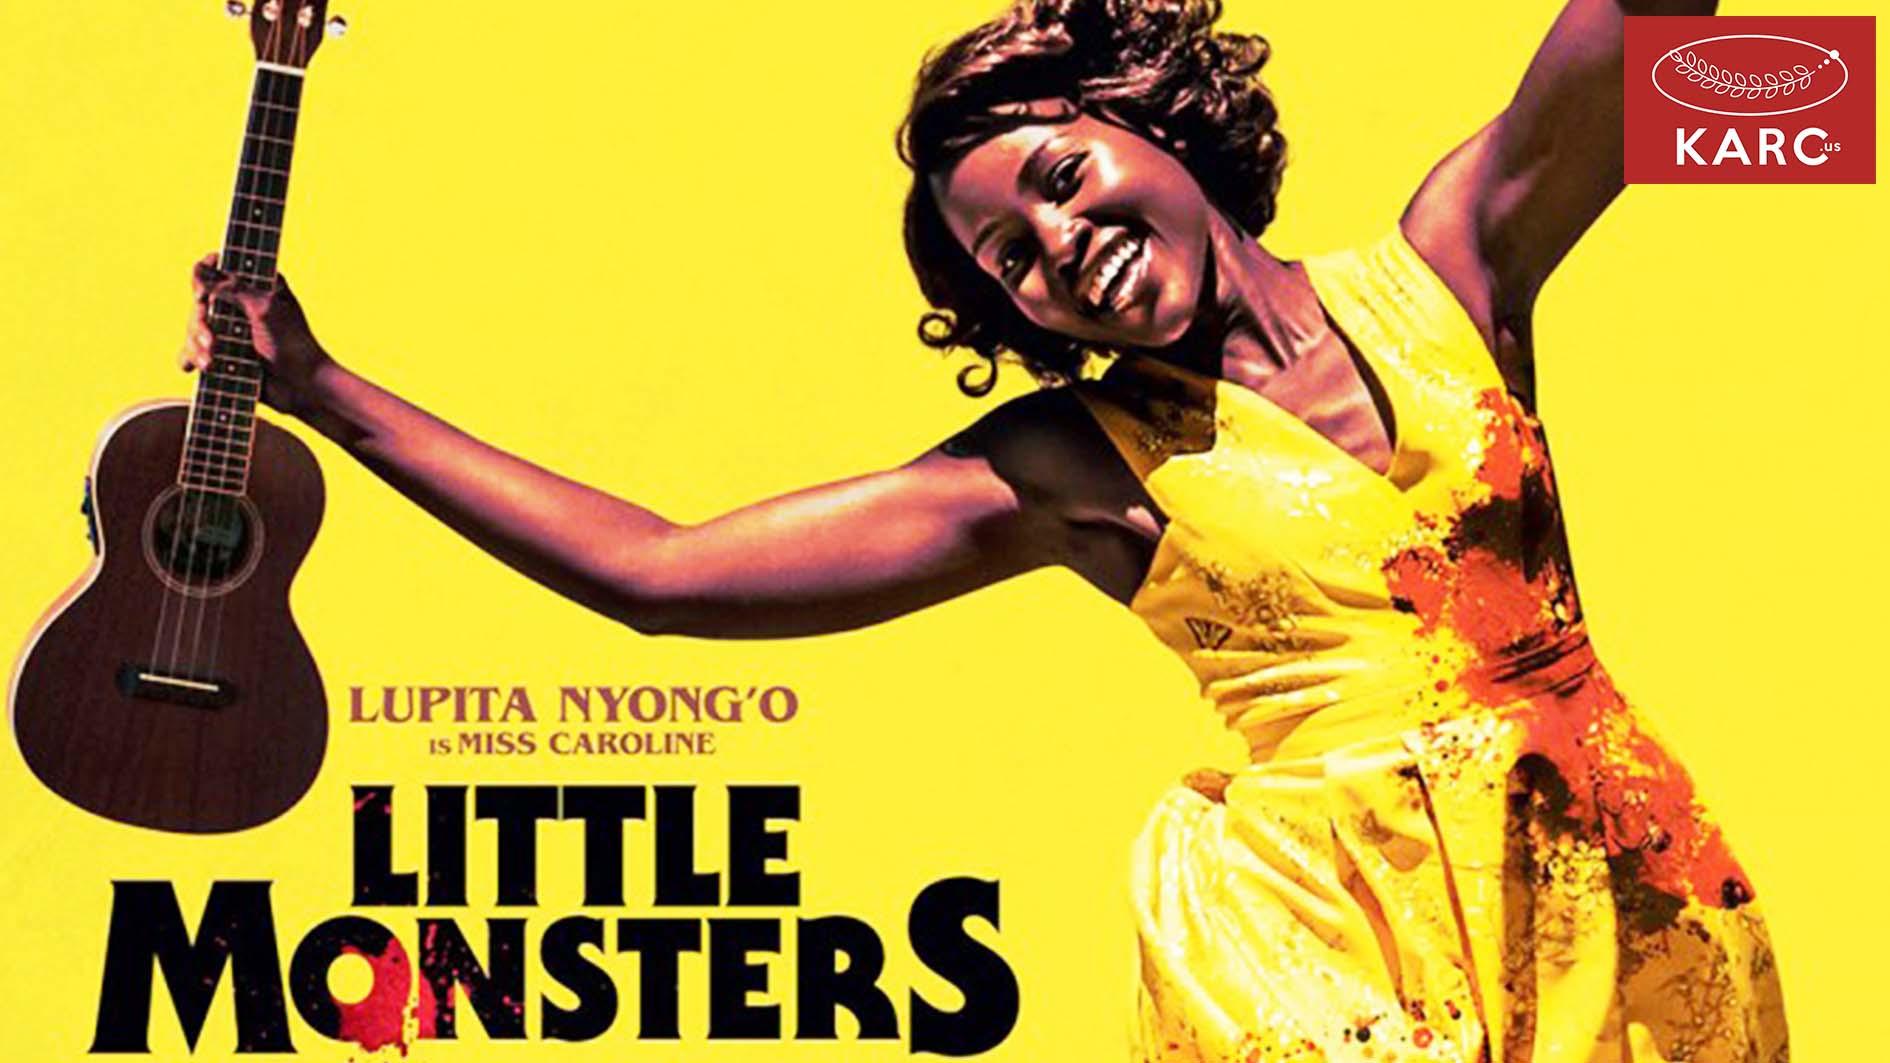 Little Monster (2019) หนังซอมบี้แนวใหม่ ระวังโดนงับ ! karc.us วงการภาพยนต์ , แนะนำหนังดี , แนะนำหนังน่าดู , หนังน่าดู , รีวิวหนังใหม่ , ก่อนตายต้องได้ดู! , ข่าวดารา , ข่าวเด่นประเด็นร้อน , รีวิวหนังใหม่ , หนังดังในอดีต , karc.us